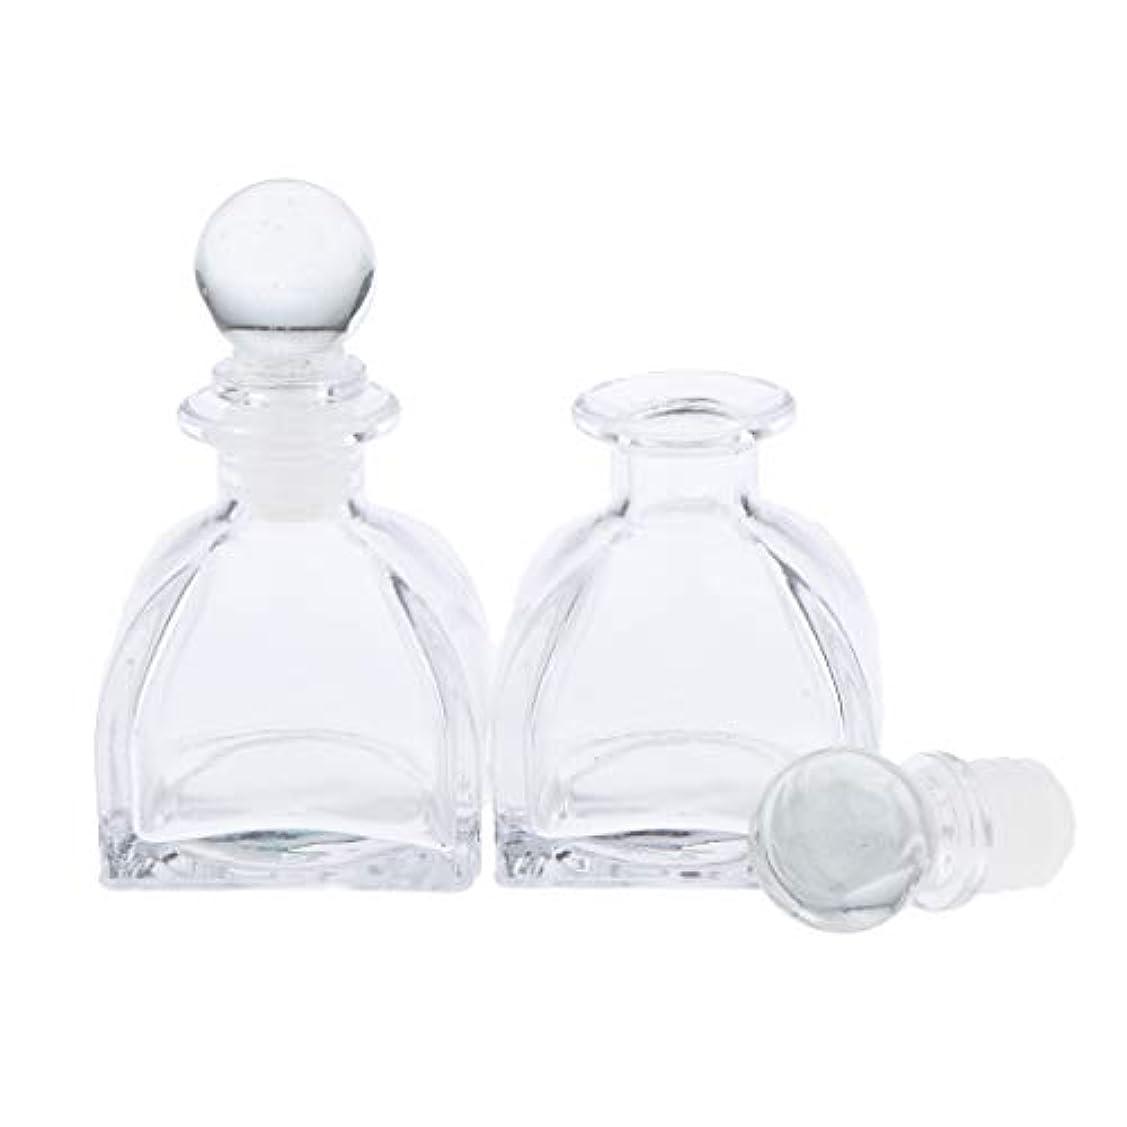 コースに勝るしかしながらPerfeclan 2個 全3サイズ 香水ディフューザーボトル ガラスボトル 透明 ローション 化粧品適用 DIY 交換 - 50ミリリットル